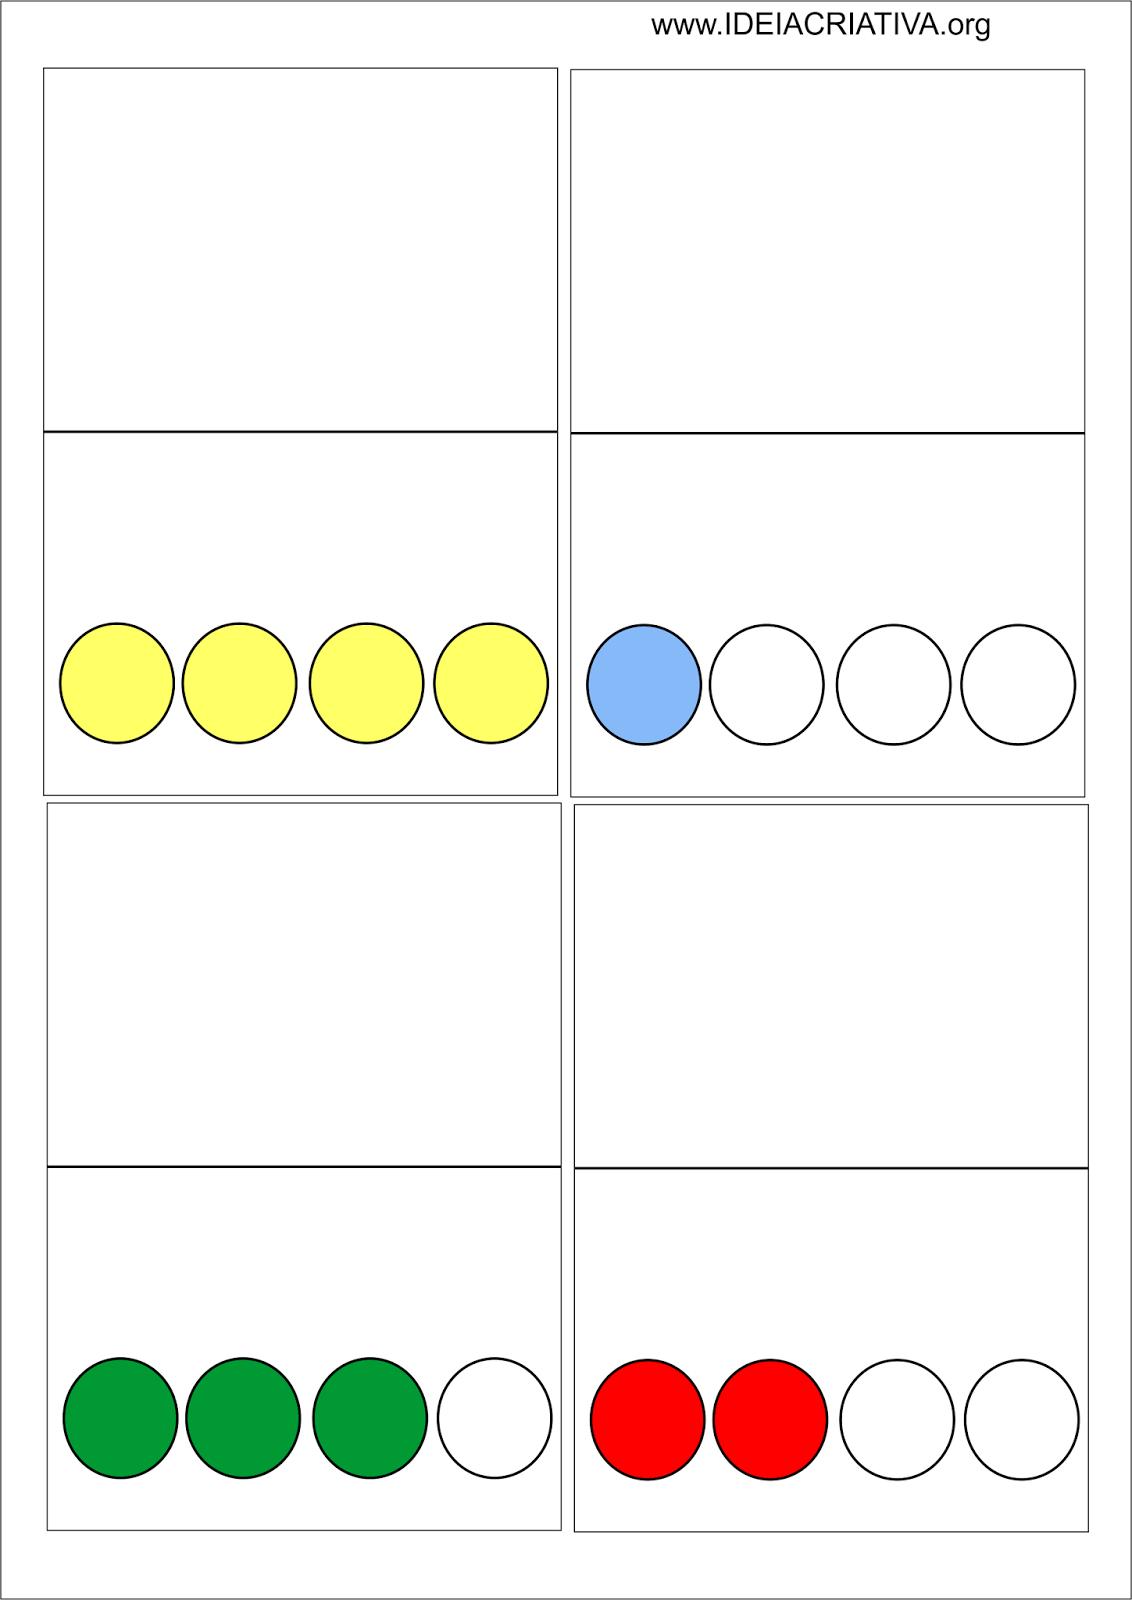 Cartões com suporte visual e silábico